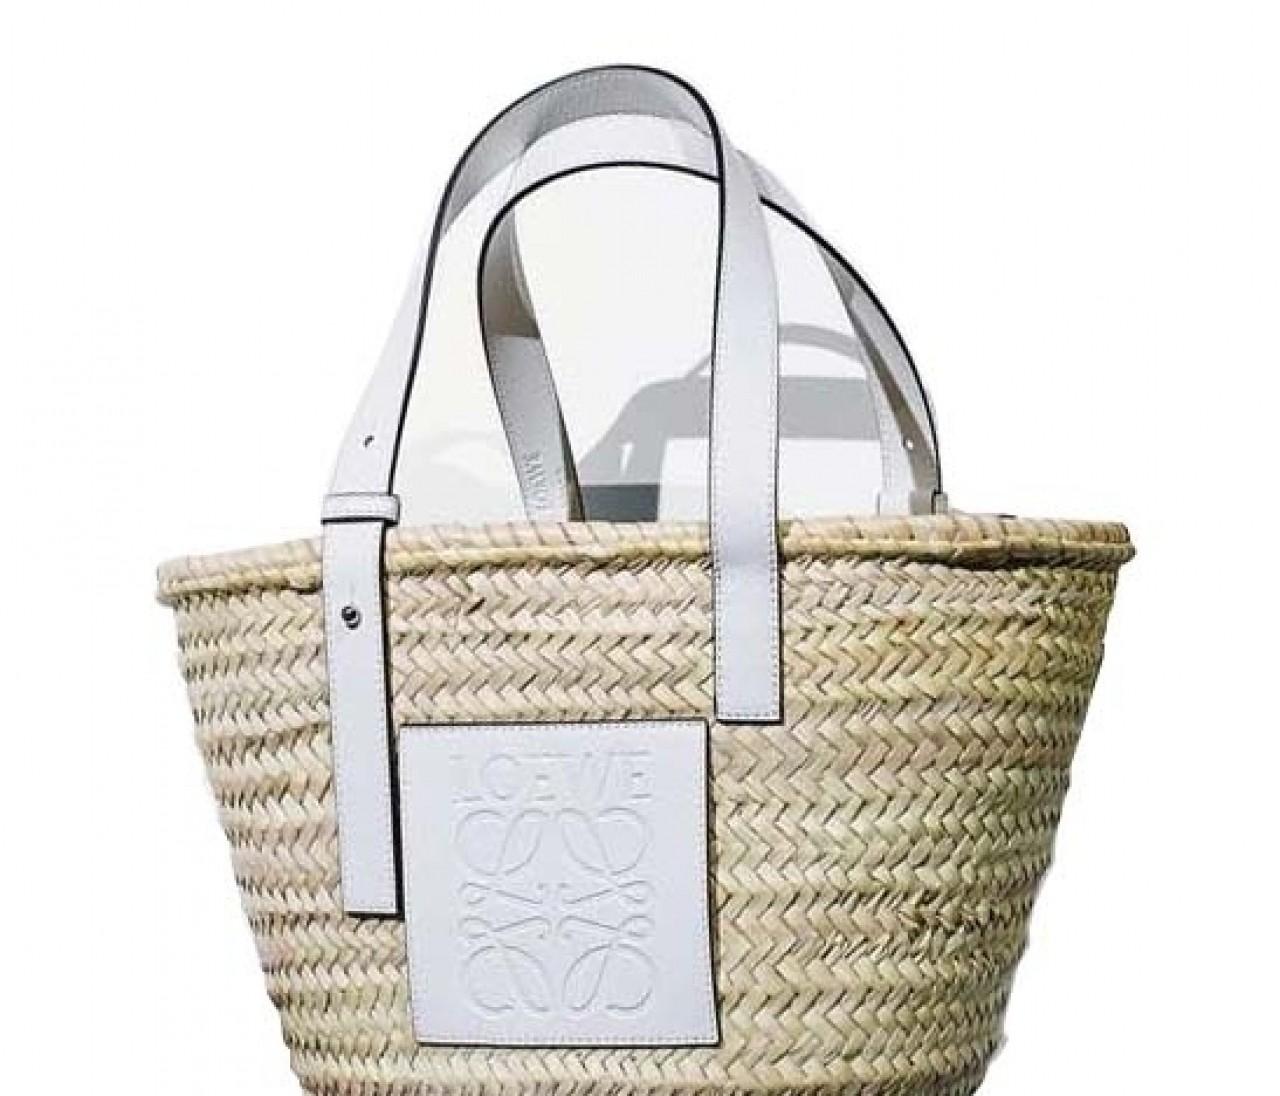 売り切れ必至!「ロエベ」のかごバッグが可愛すぎる!